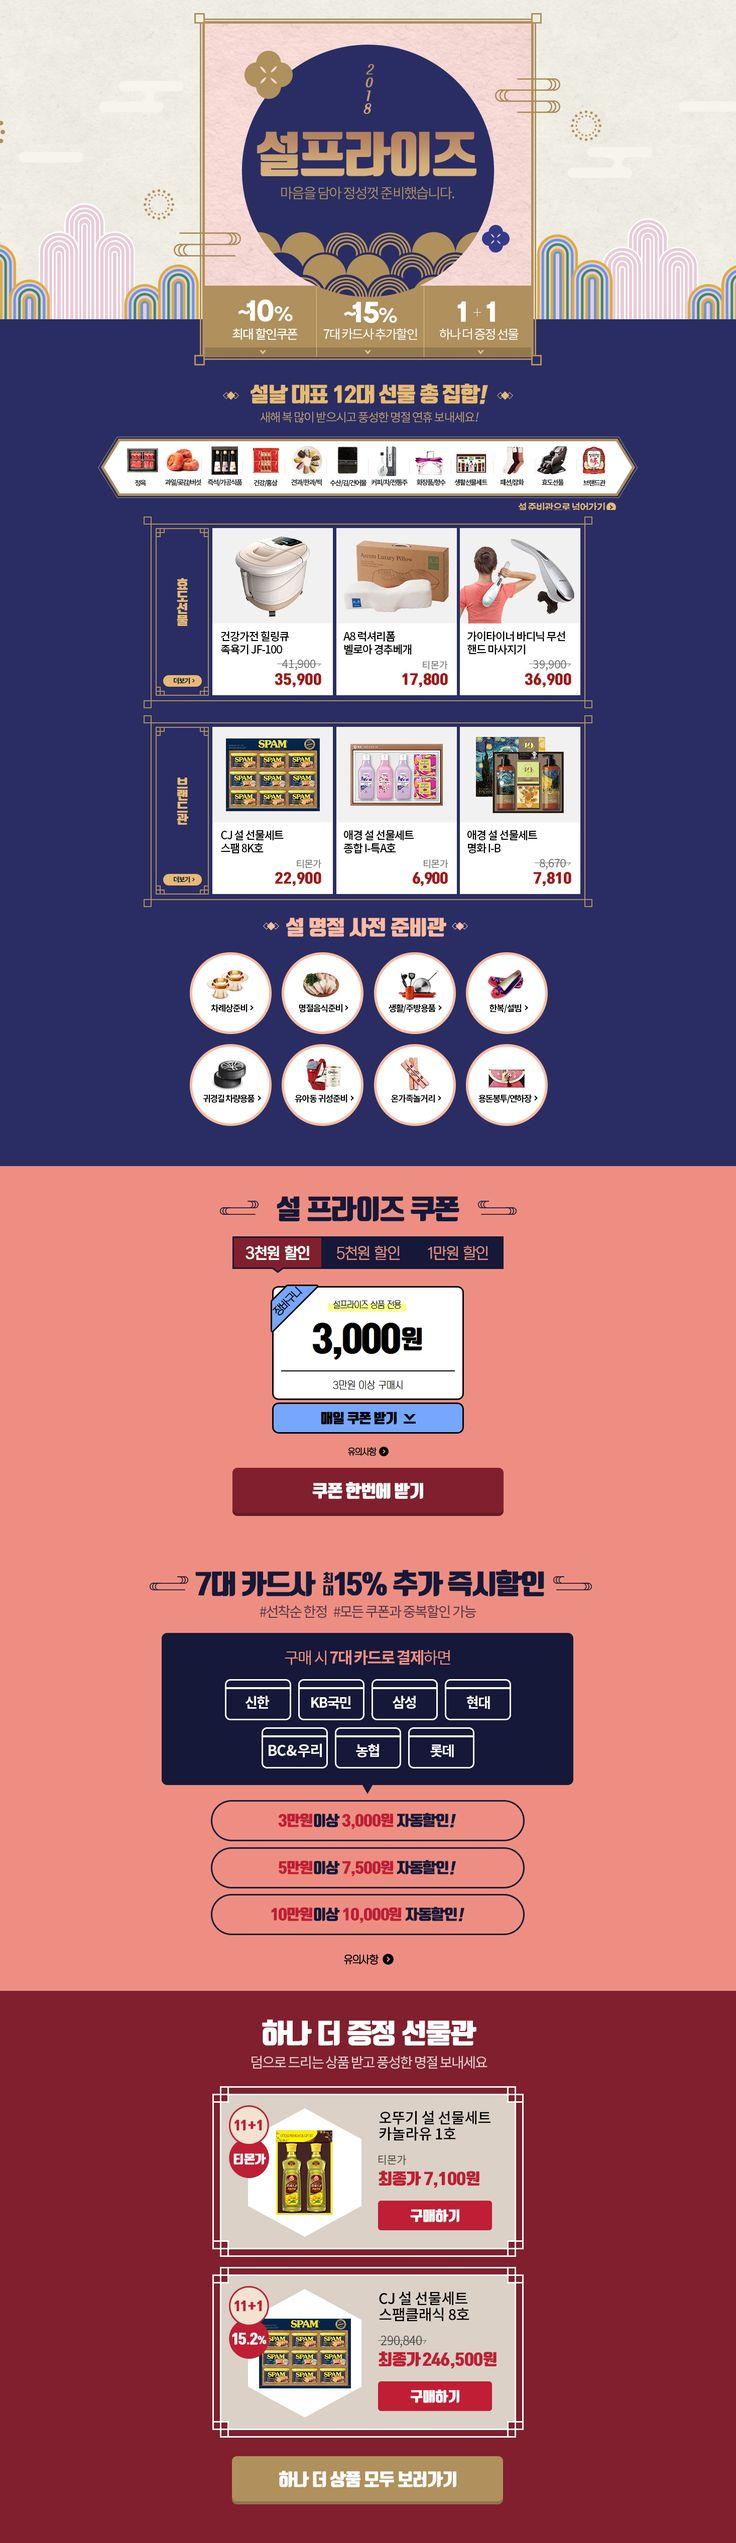 #2018년2월1주차 #티몬 #설프라이즈 ticketmonster.co.kr